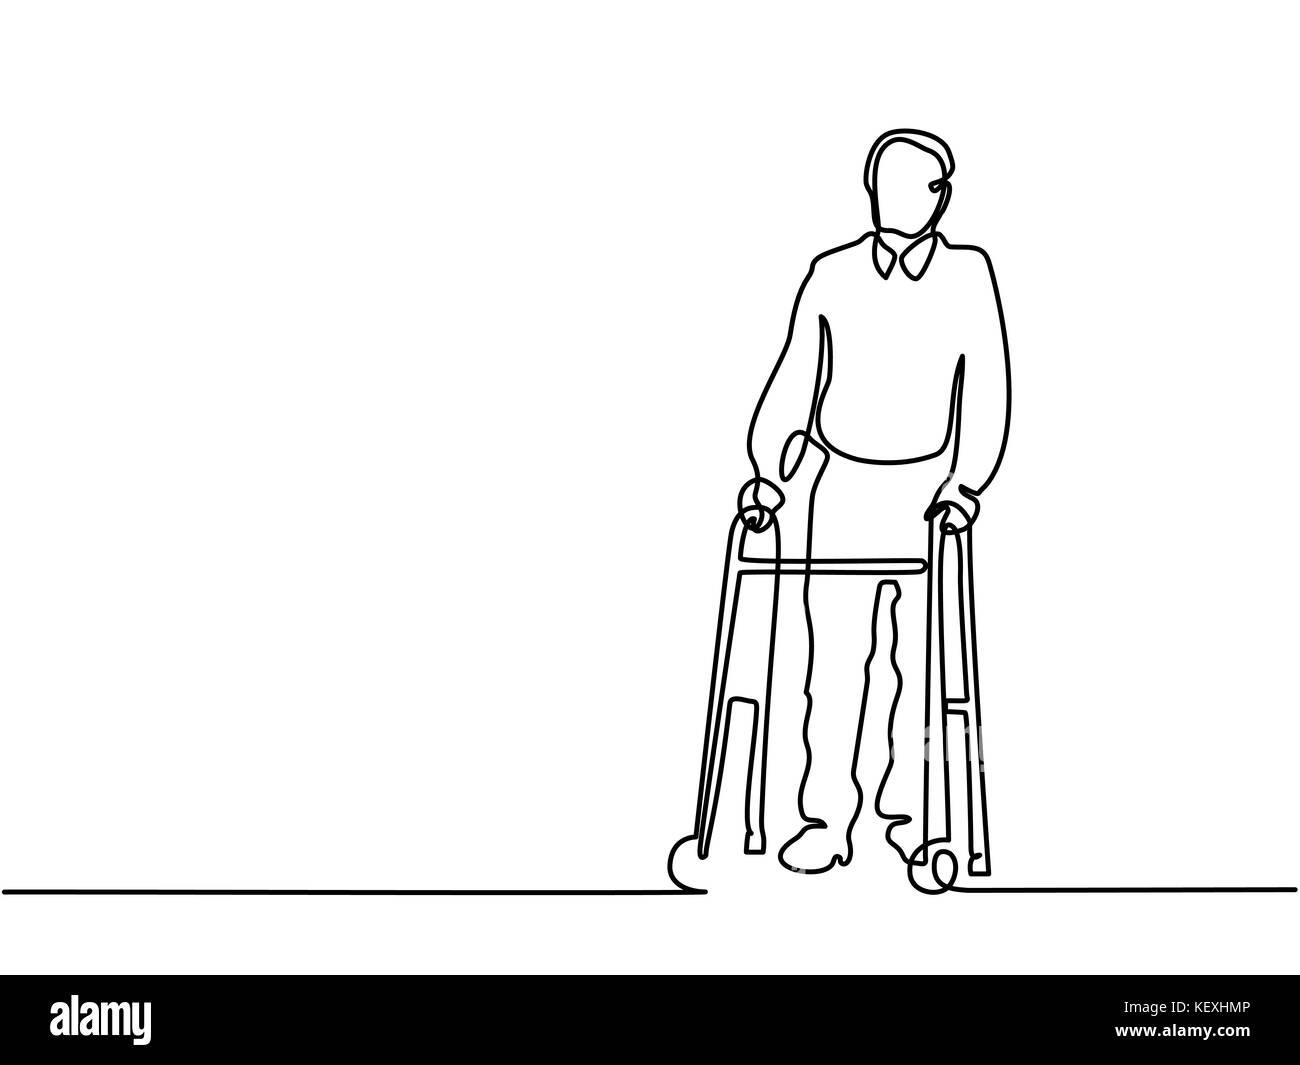 Old man using a walking frame - Stock Image